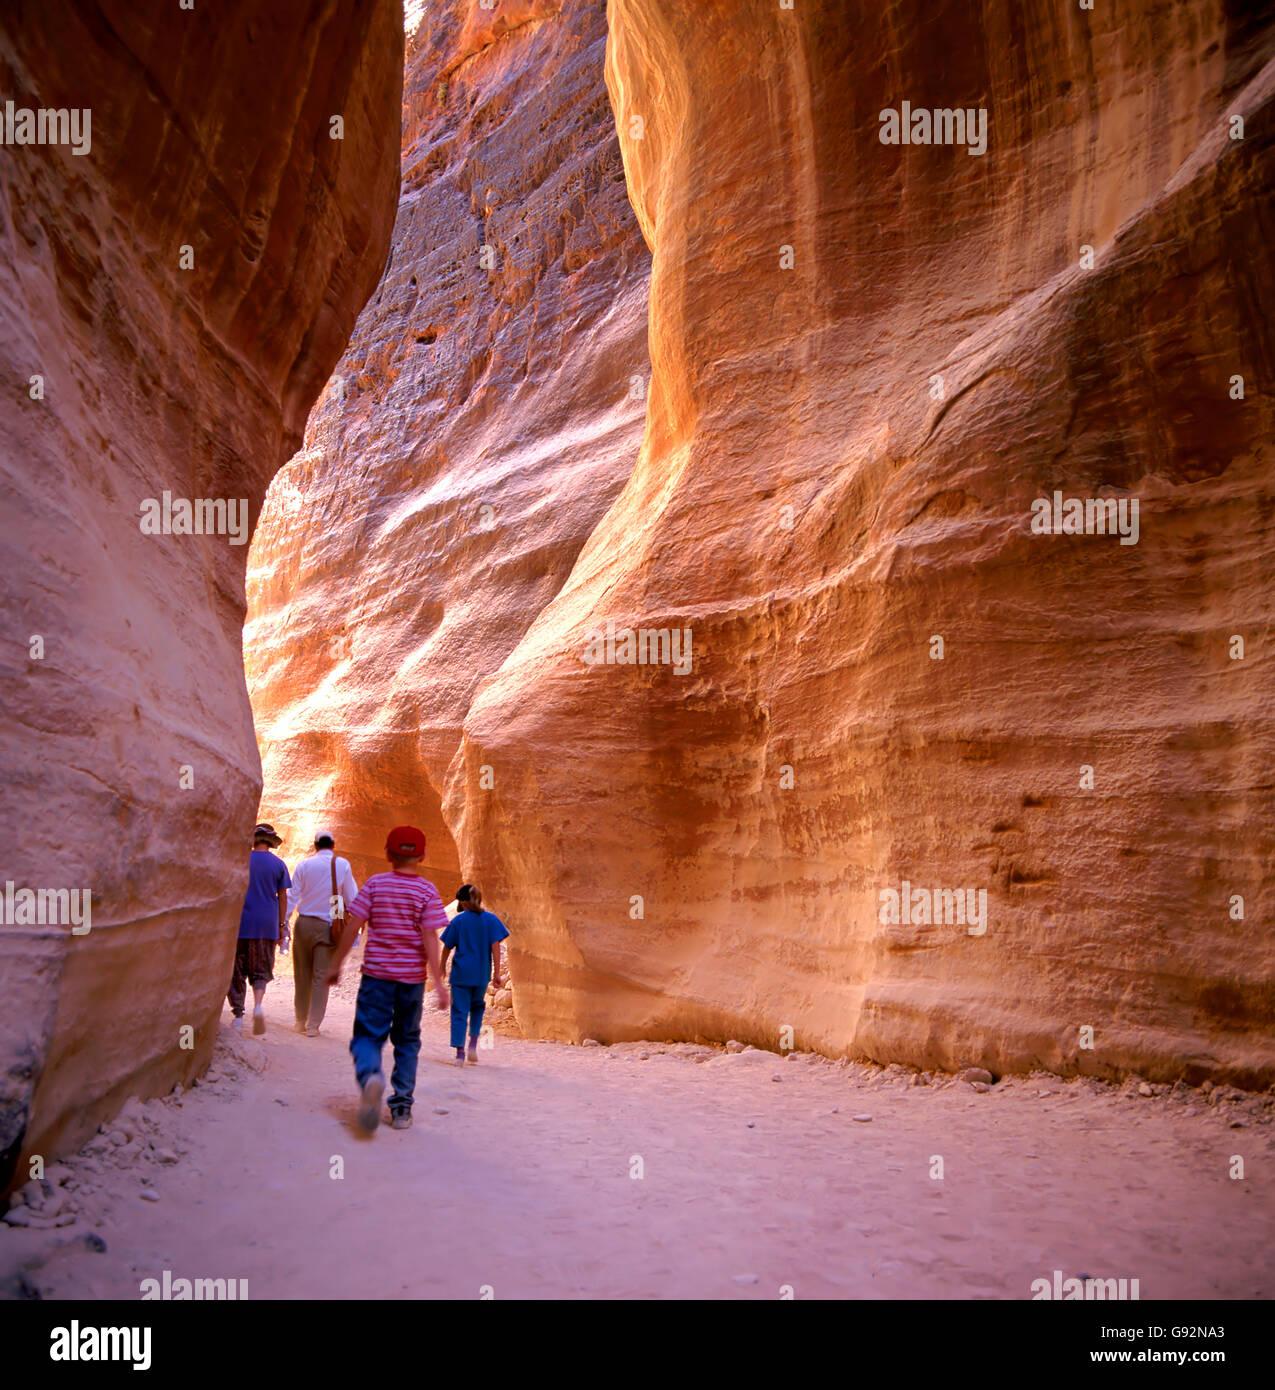 El Siq entrada a la antigua ciudad de Petra en Jordania, que fue esculpido en las rocas. Ahora es un sitio del Patrimonio Imagen De Stock